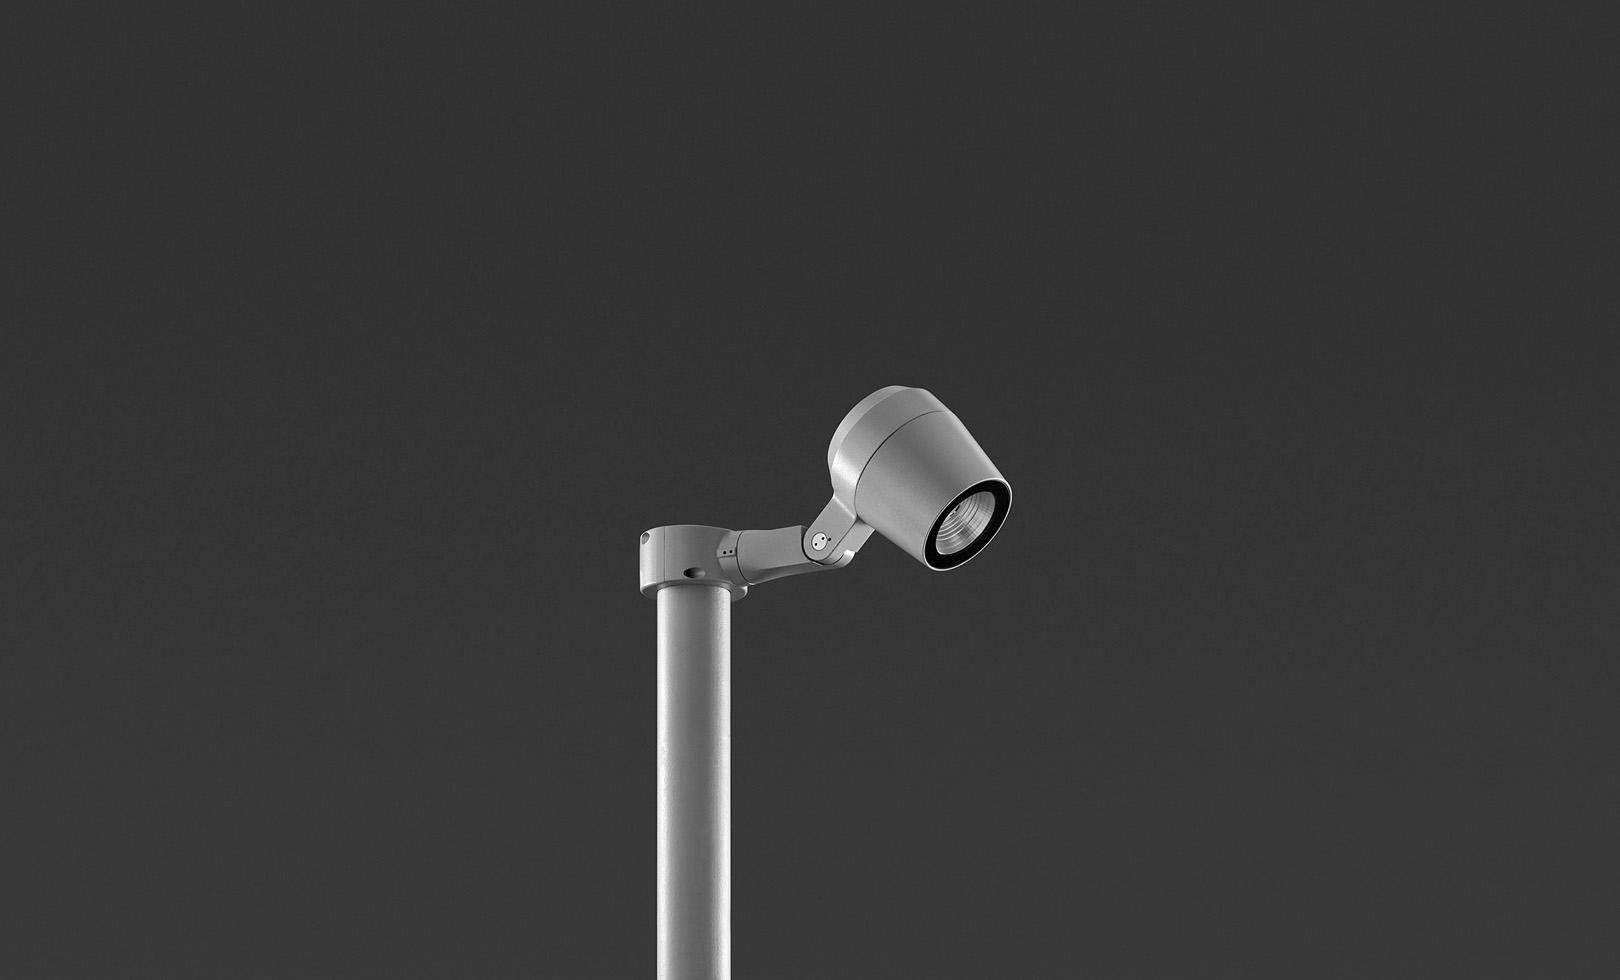 807002-807005 RING POLE MEDIUM LED 2